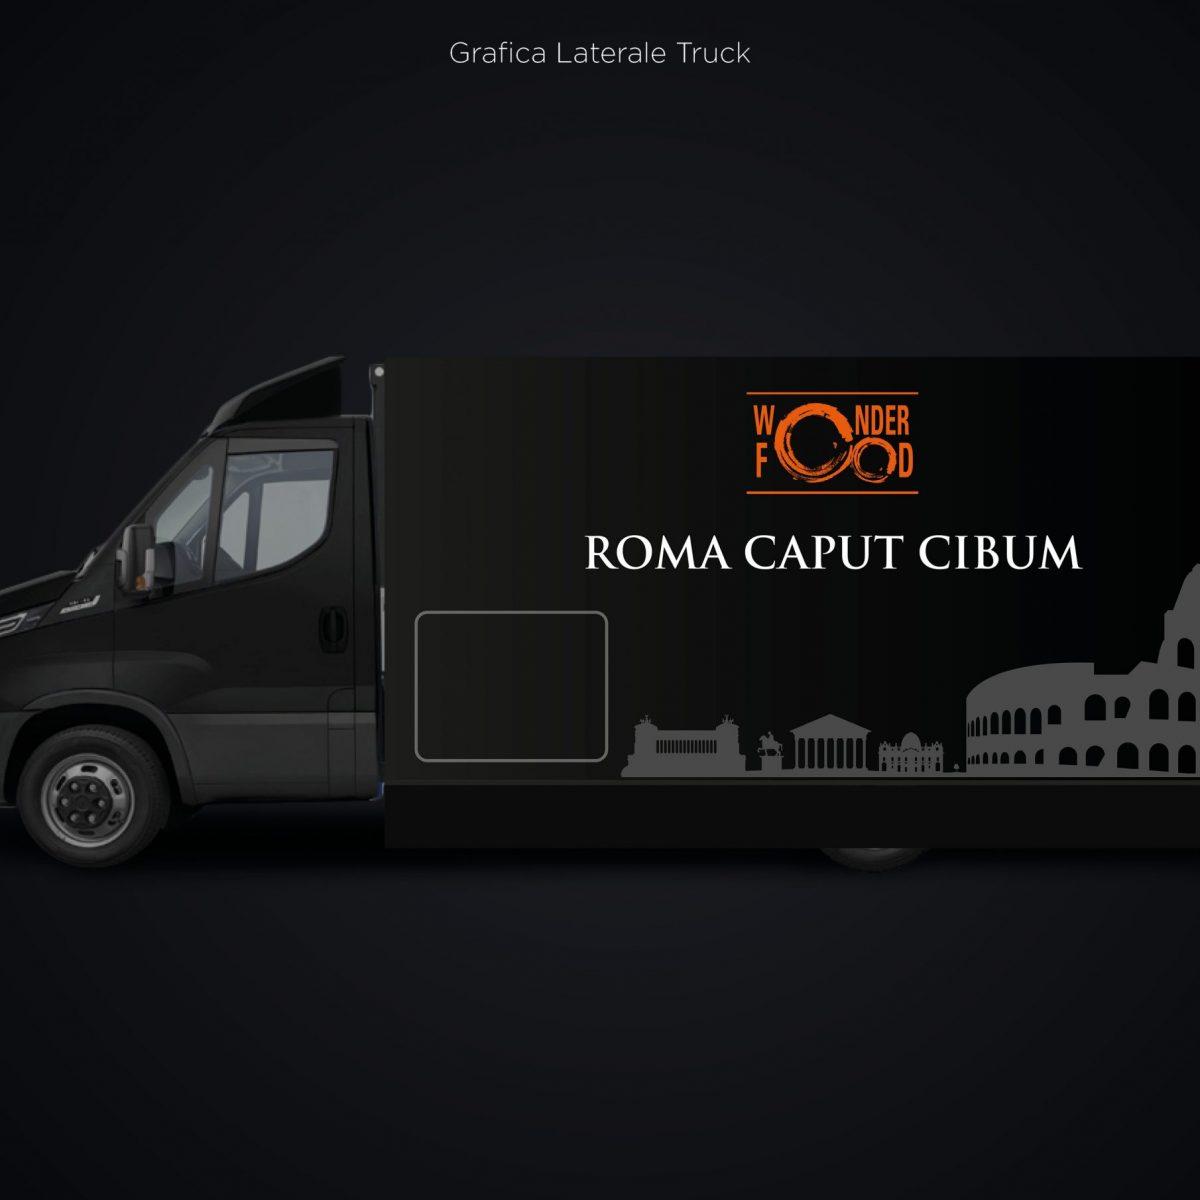 Lato Truck